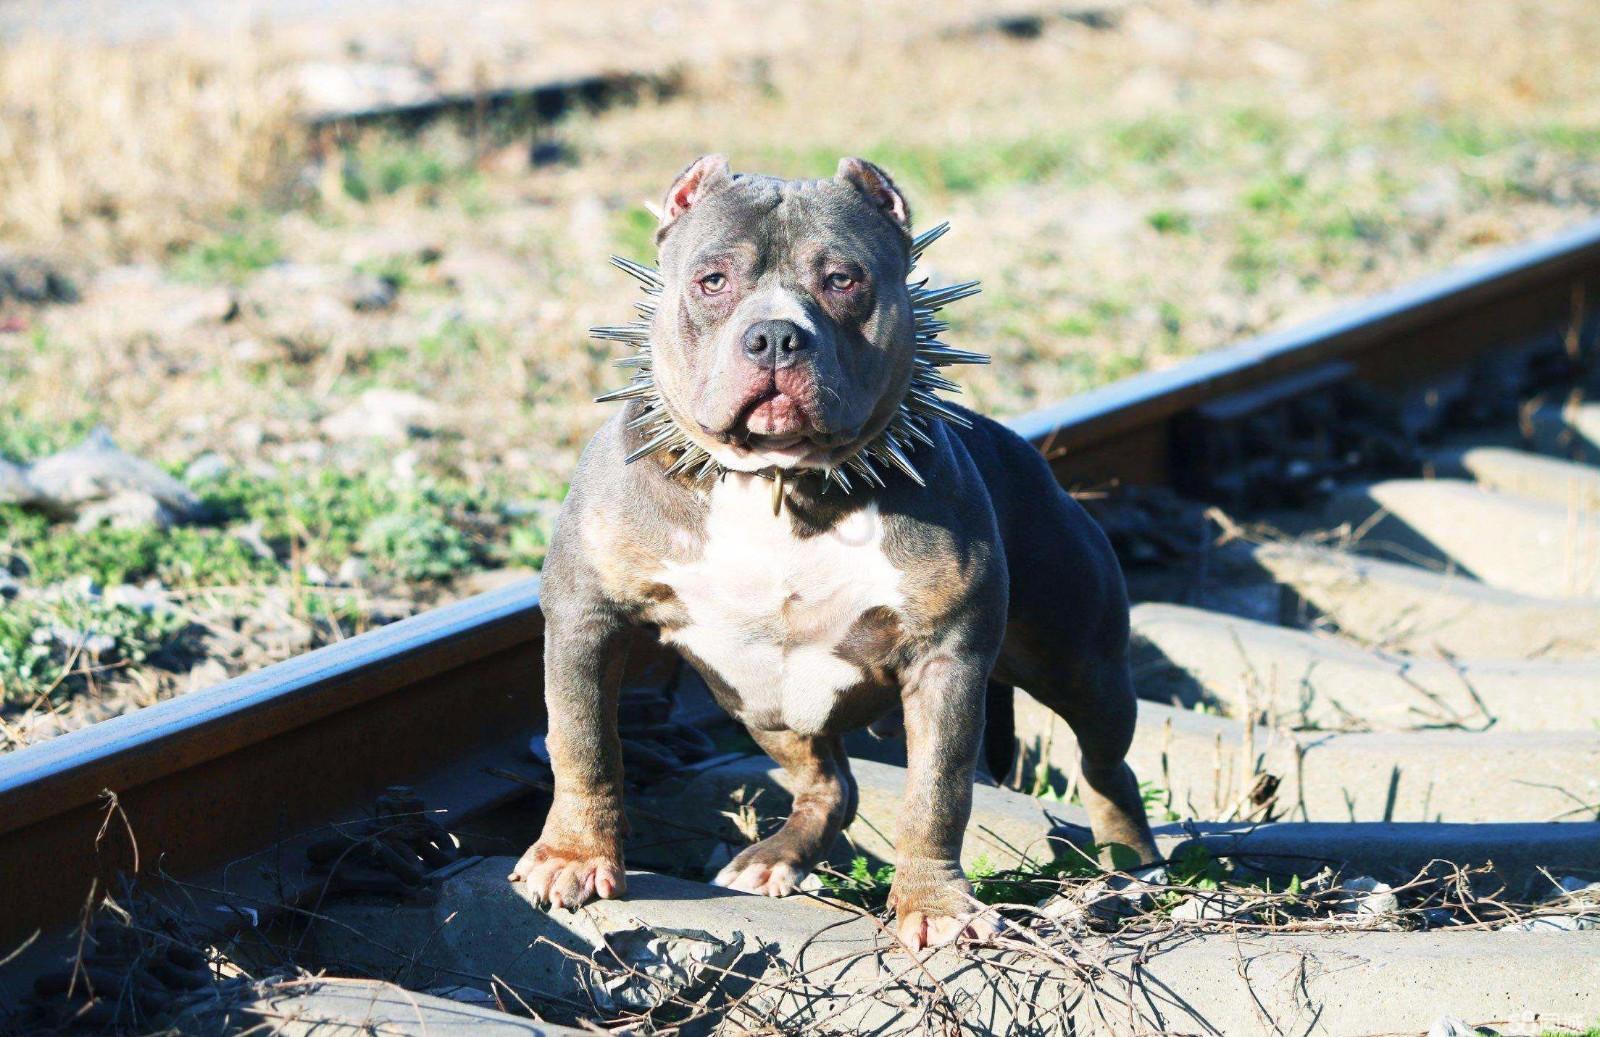 最初培育出来其目的就是让它成为保护家庭的守护犬,它就是美国恶霸犬图片